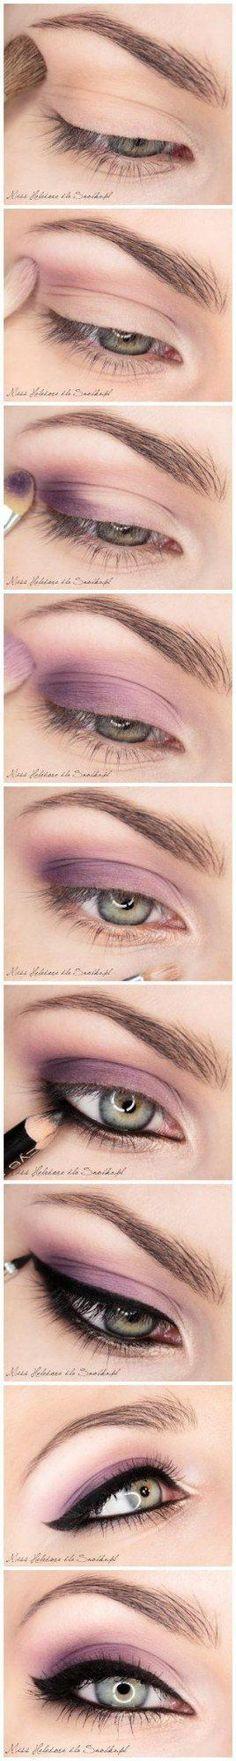 23 Gorgeous Eye Makeup Tutorials http://www.stylemotivation.com/23-gorgeous-eye-makeup-tutorials/